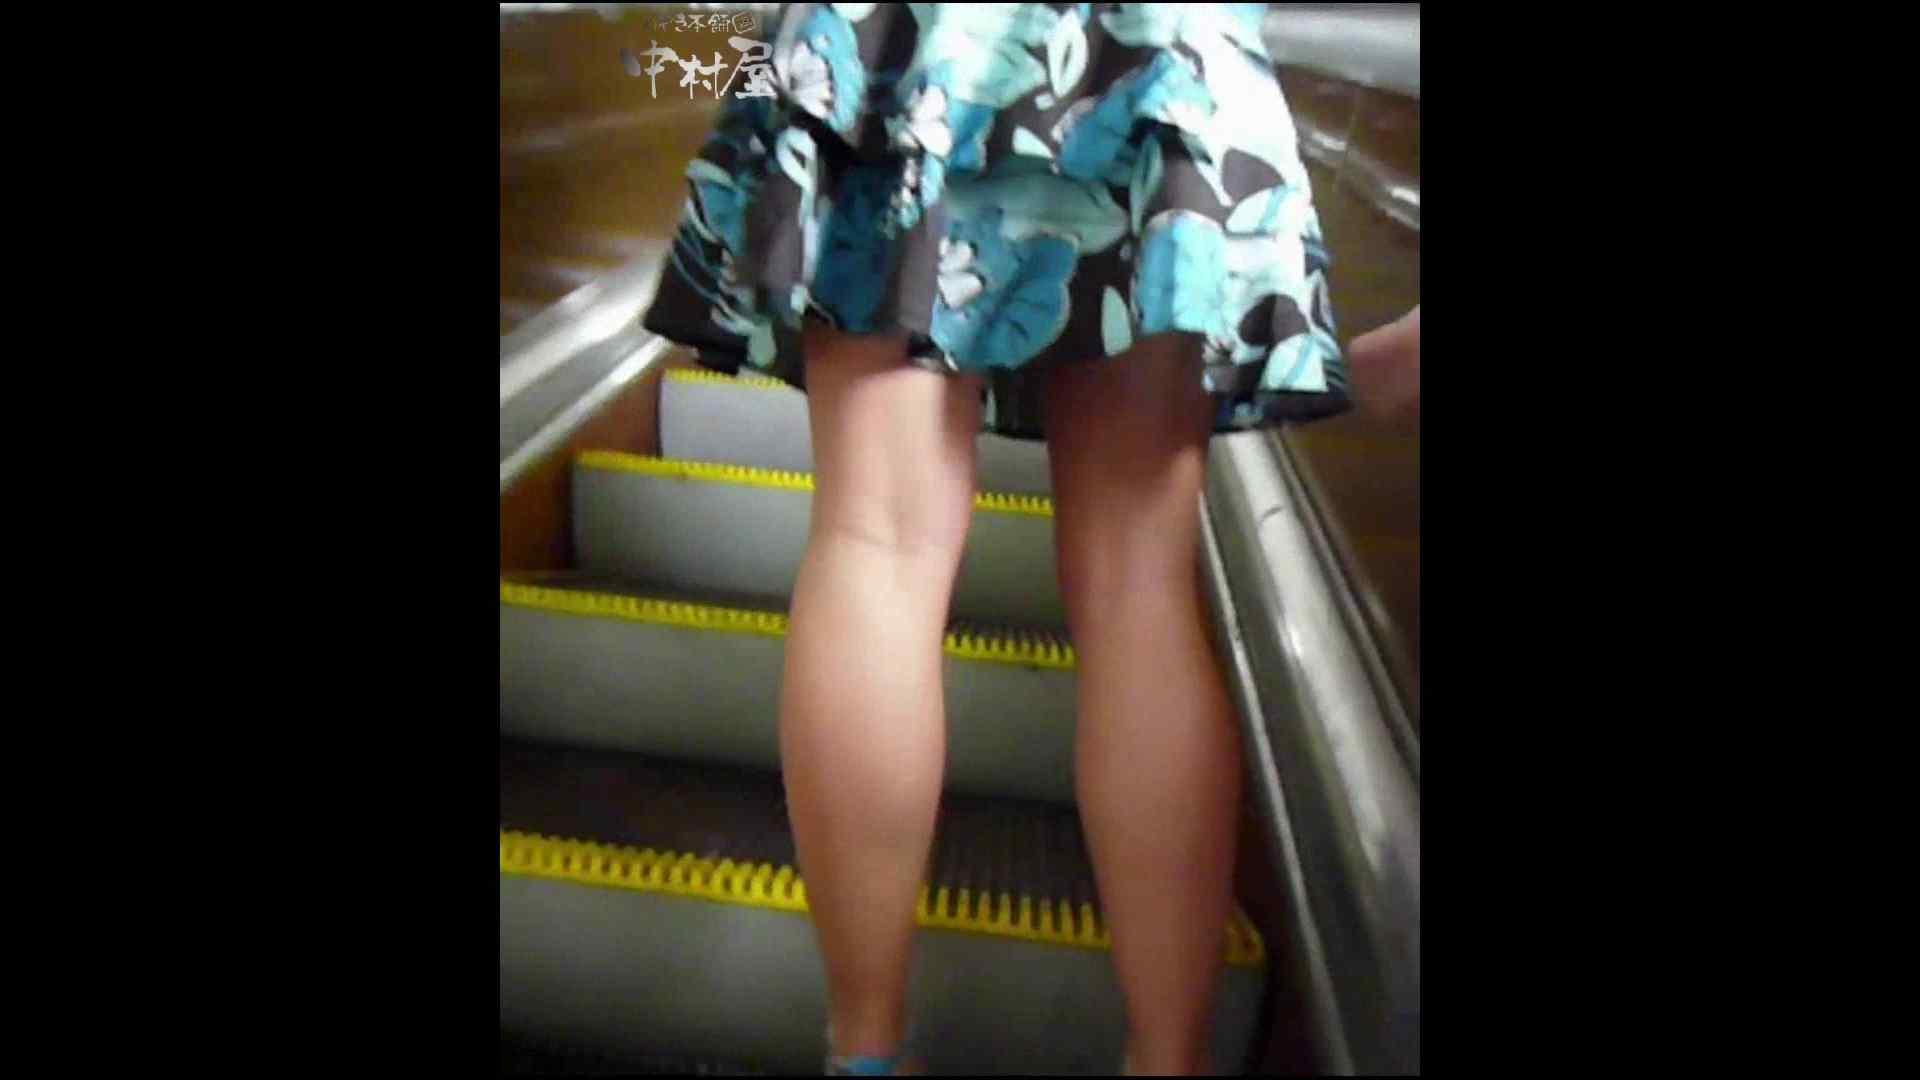 綺麗なモデルさんのスカート捲っちゃおう‼ vol27 お姉さんヌード | OLセックス  97画像 65